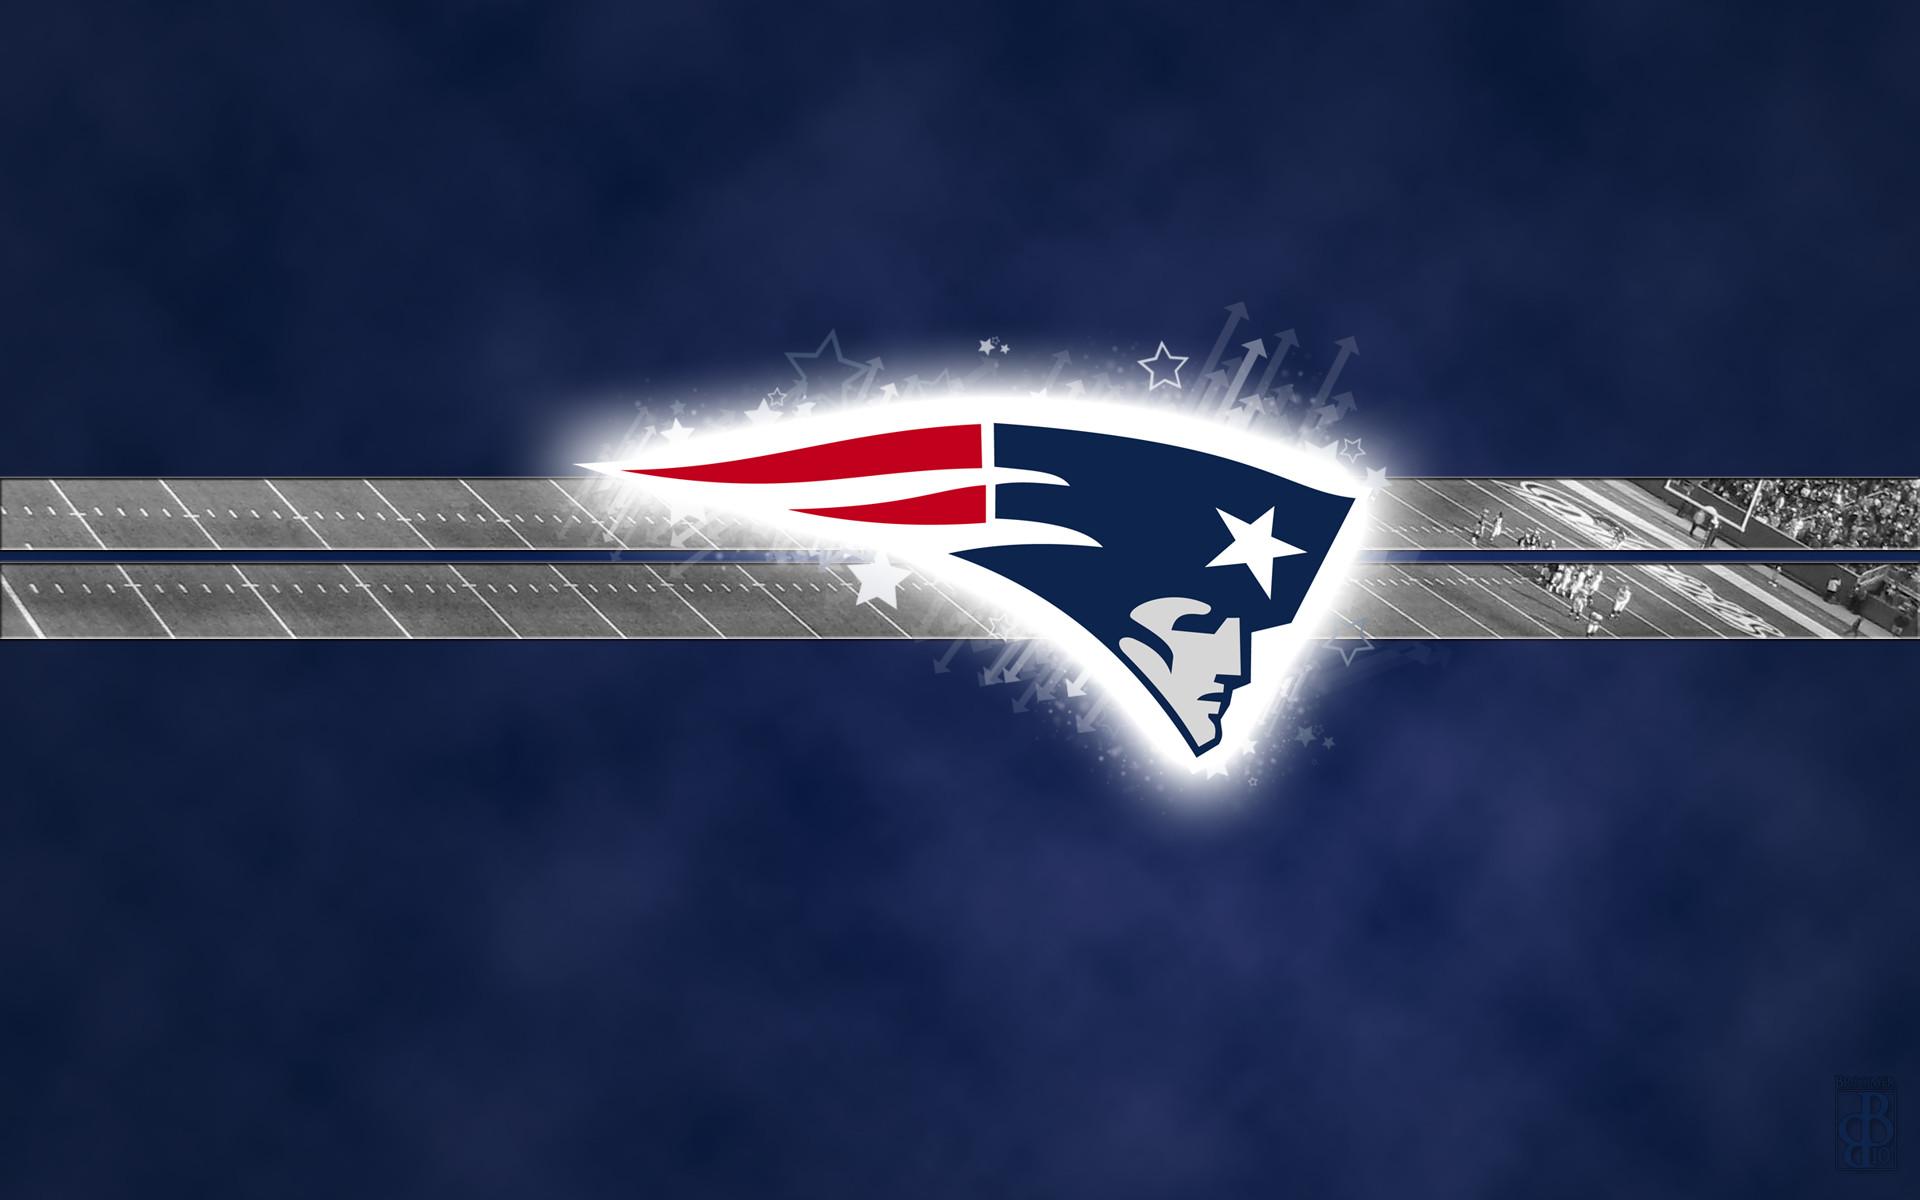 1920x1200 New England Patriots Wallpaper | Quilting | Pinterest | England patriots and Patriots